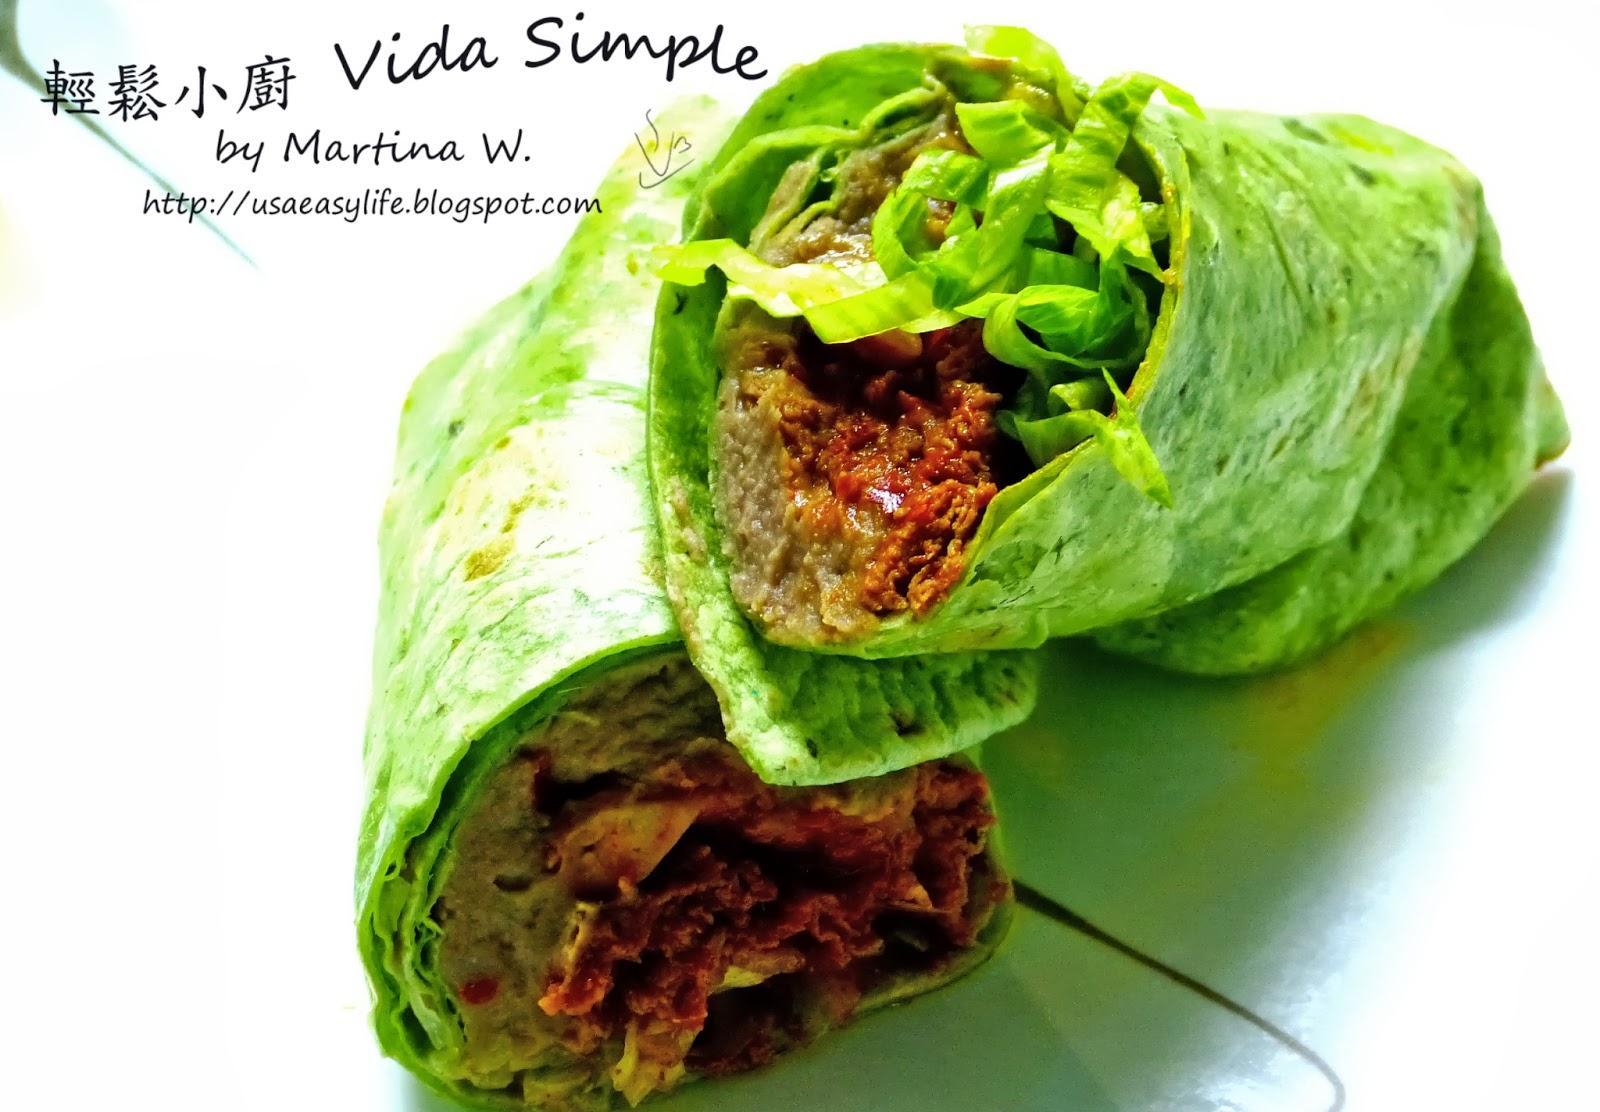 墨西哥牛肉捲餅 | 輕鬆小廚 Vida Simple